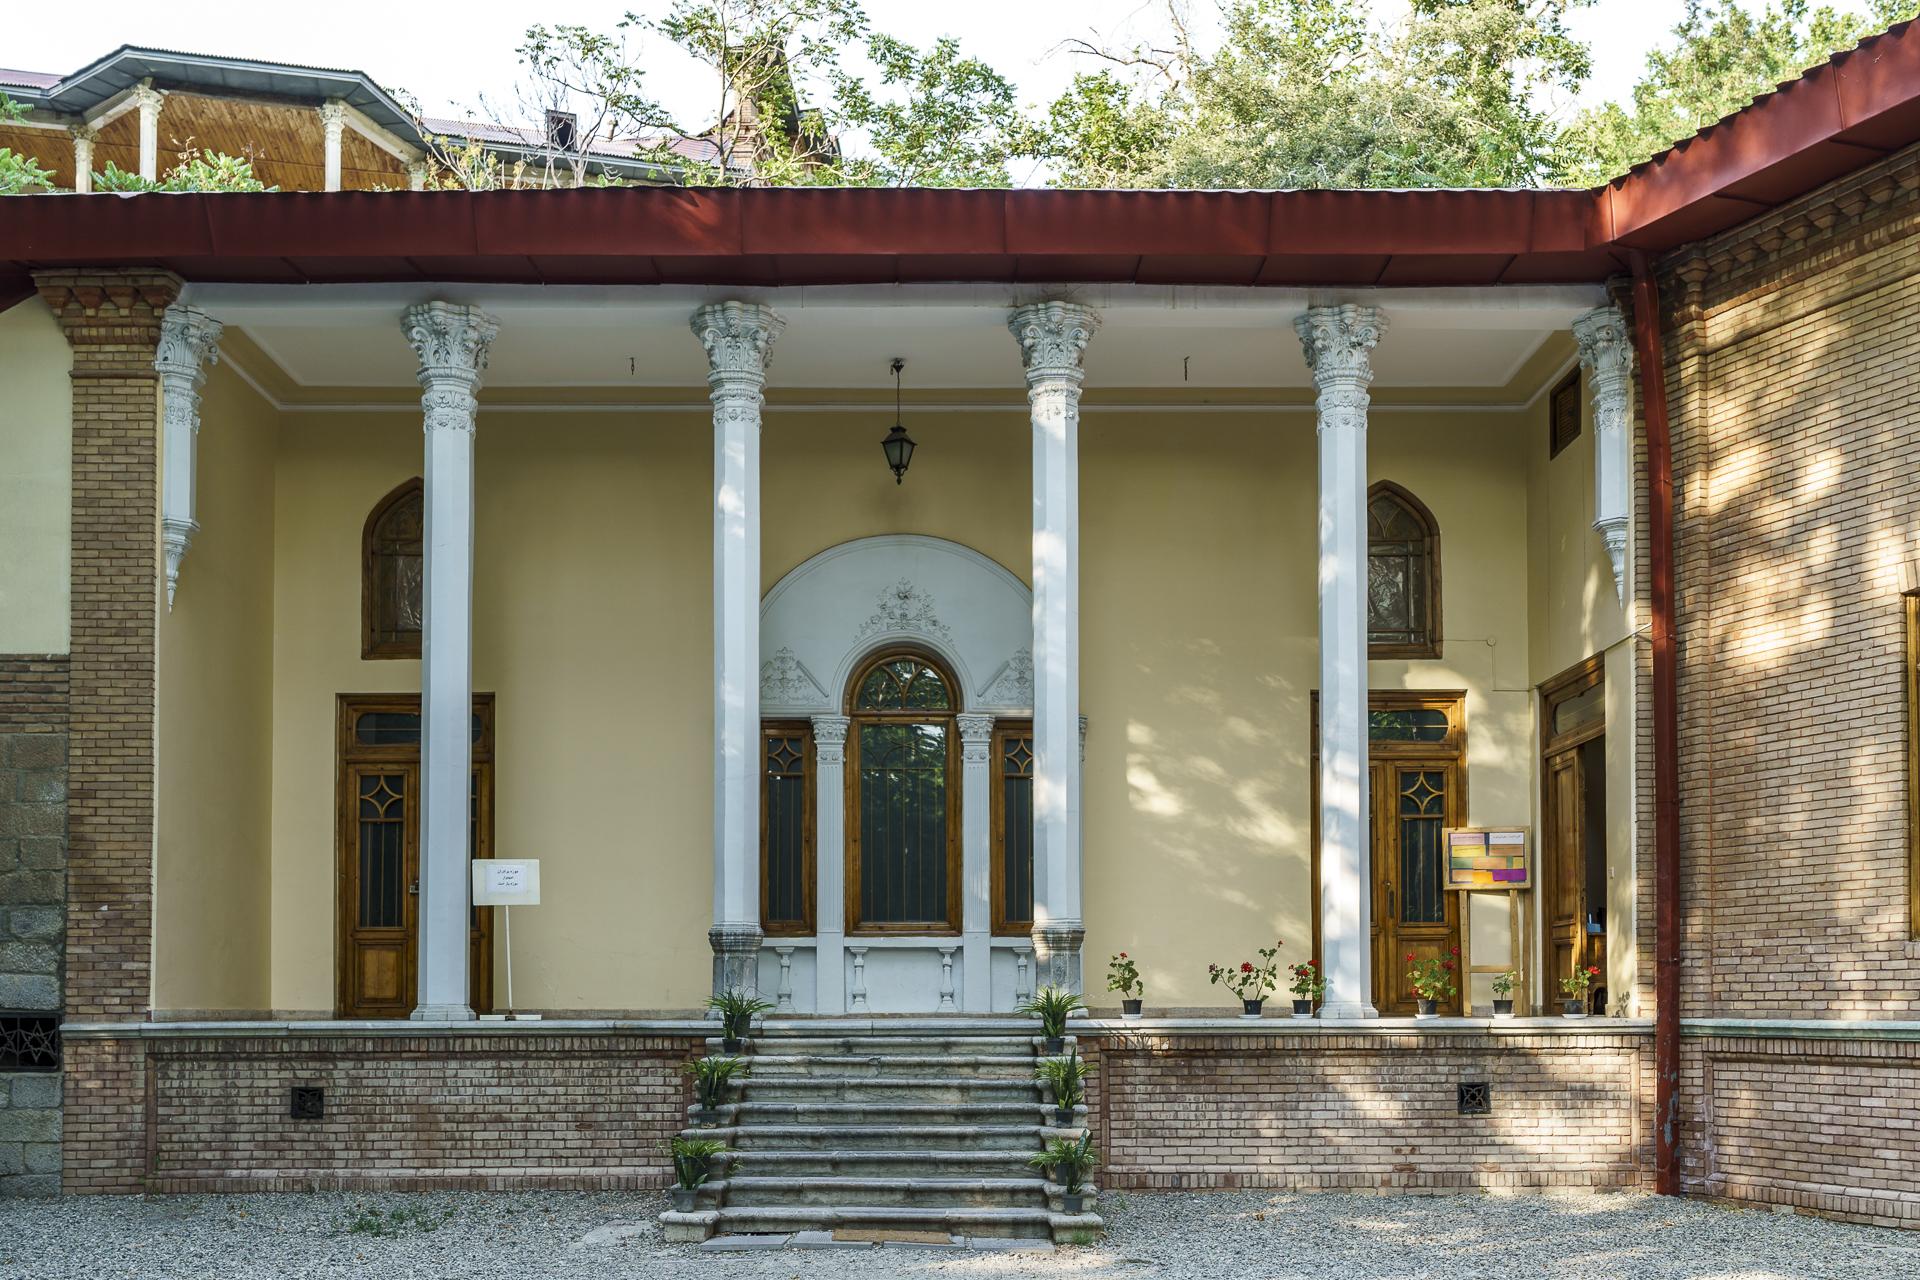 Omidvar Brother Museum